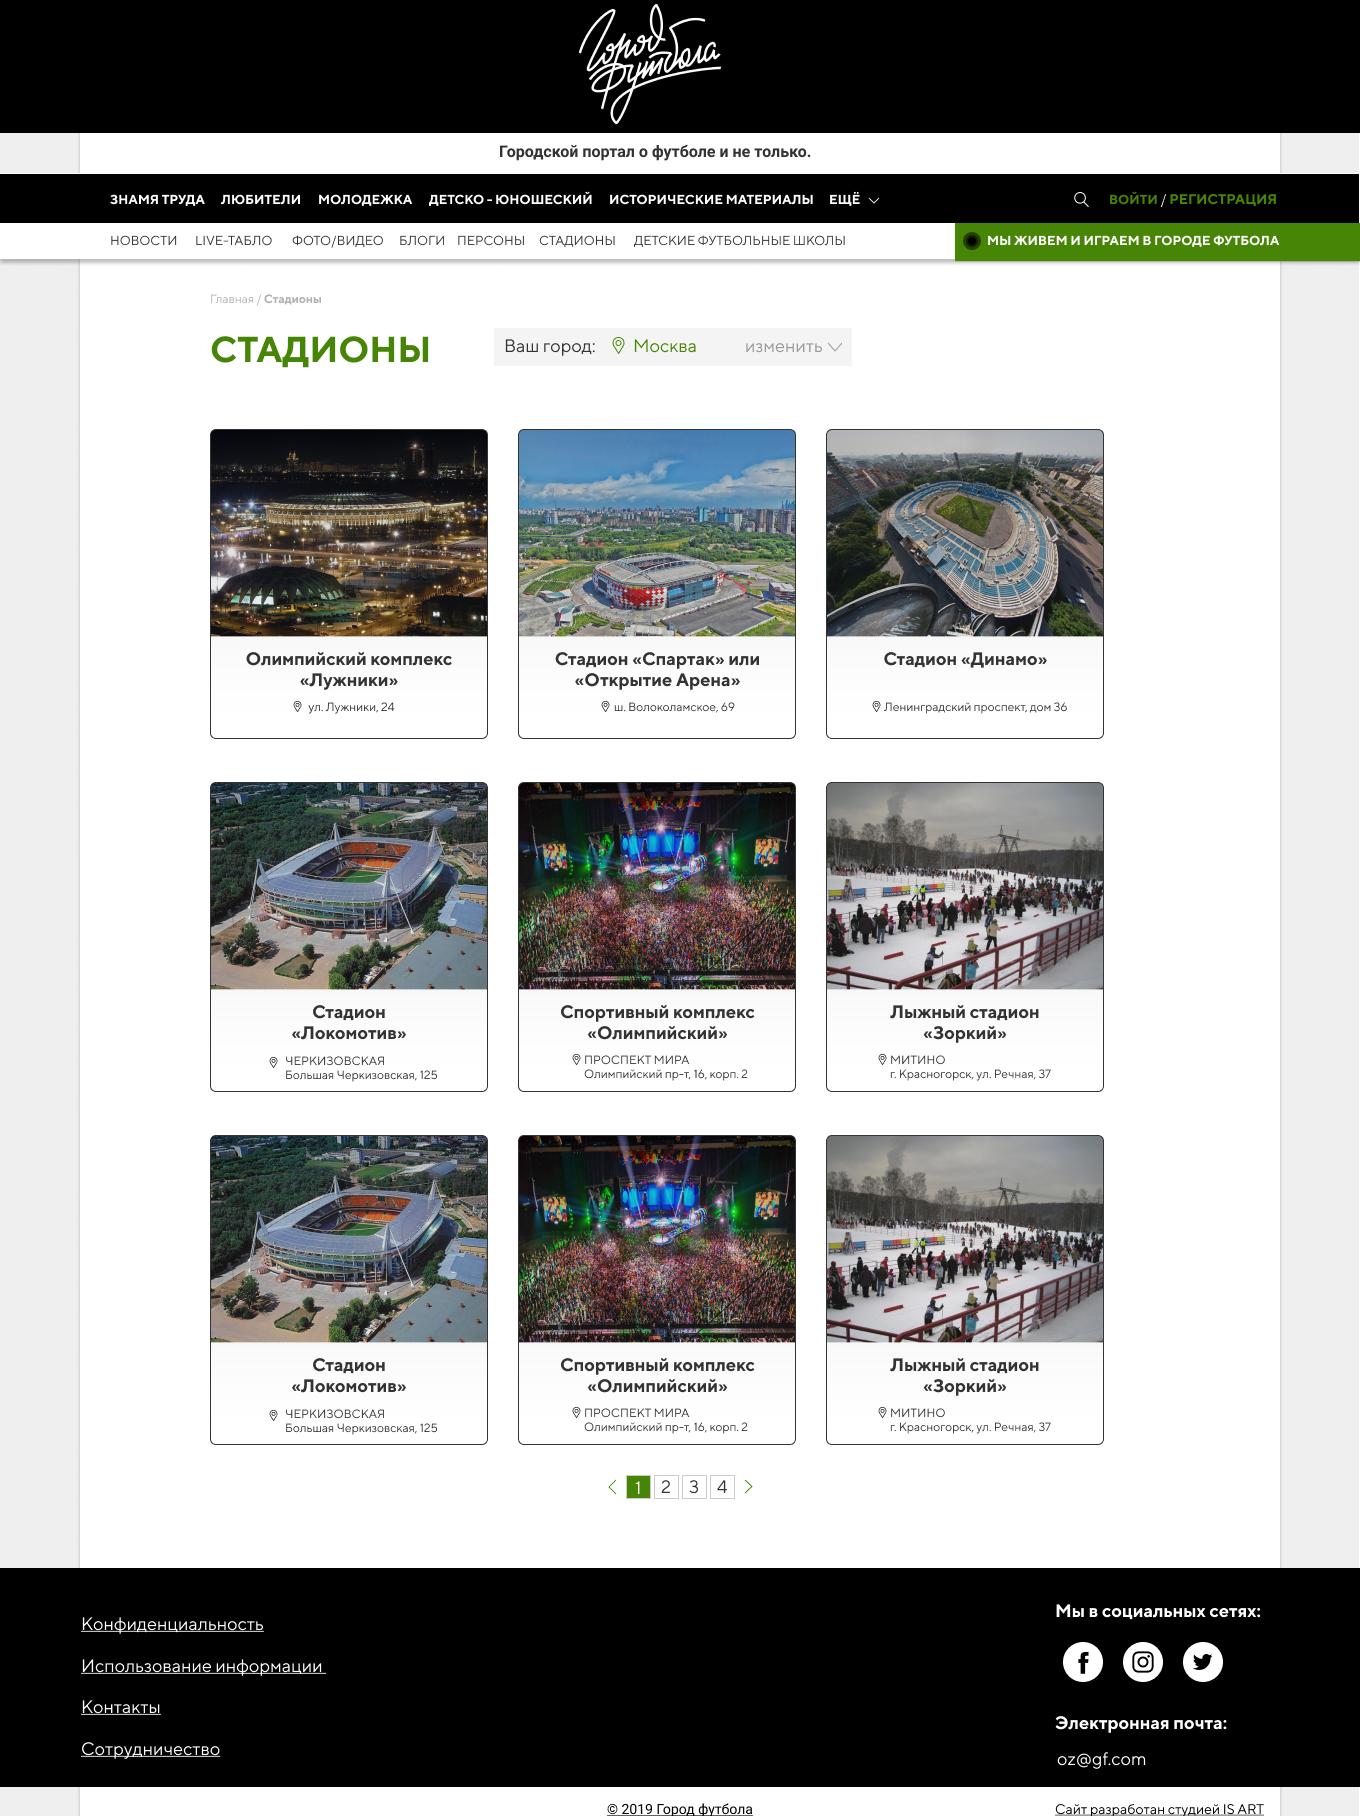 Макет сайта Город Футбола 8